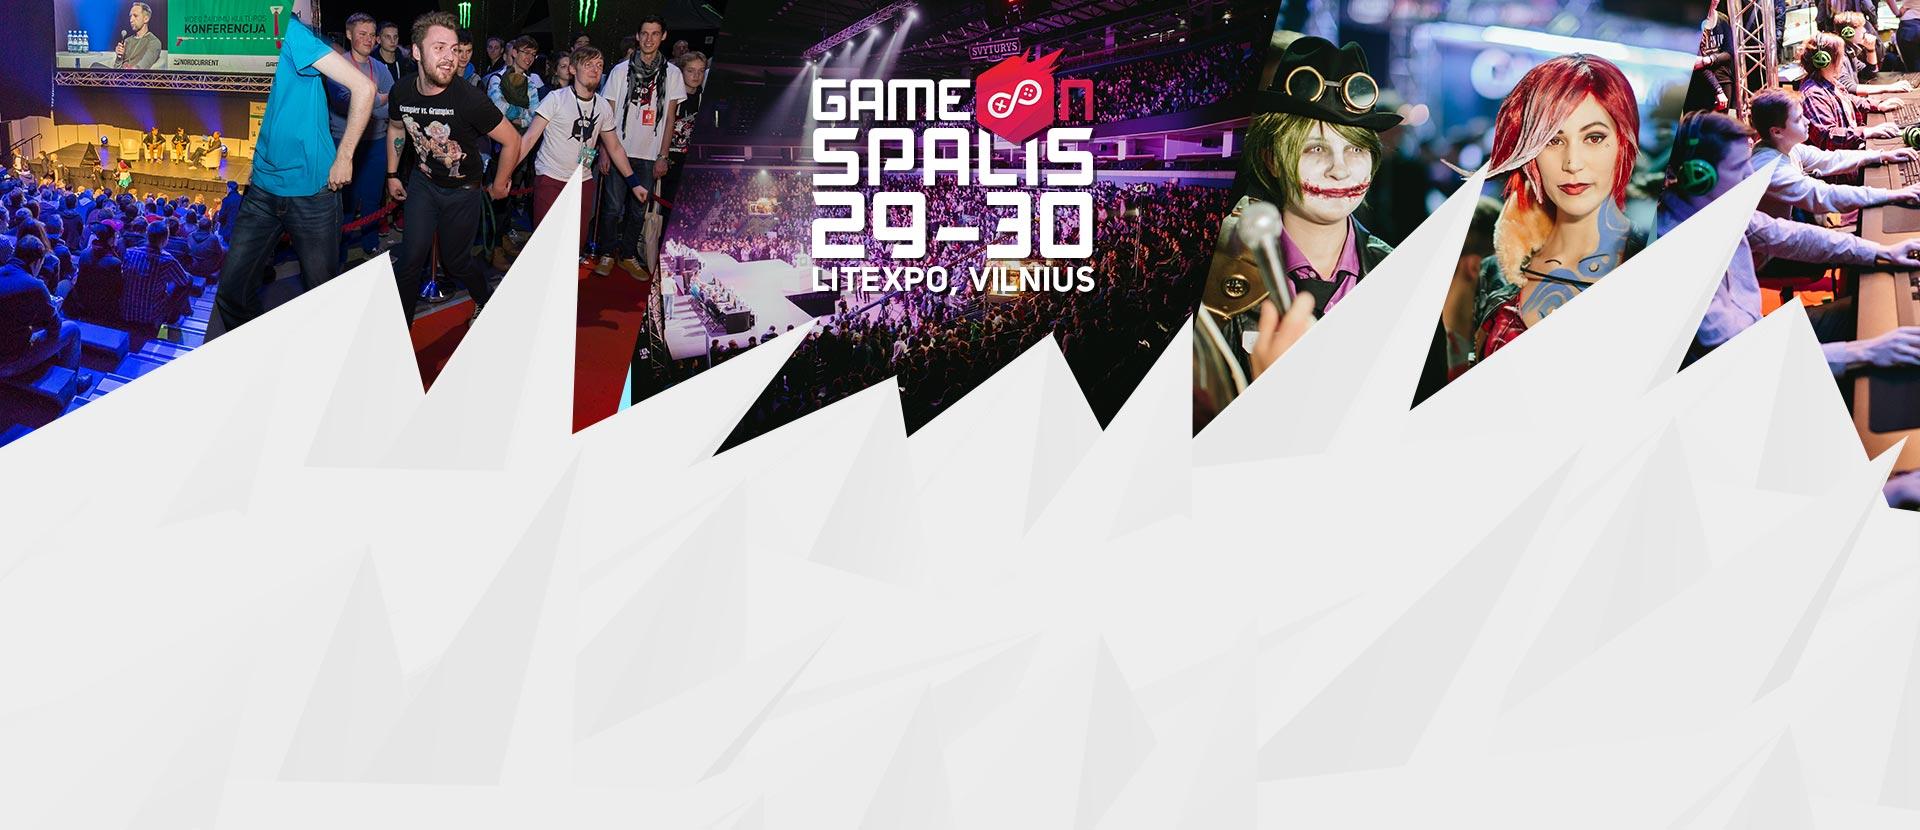 GameOn - žaidimų kultūros šou